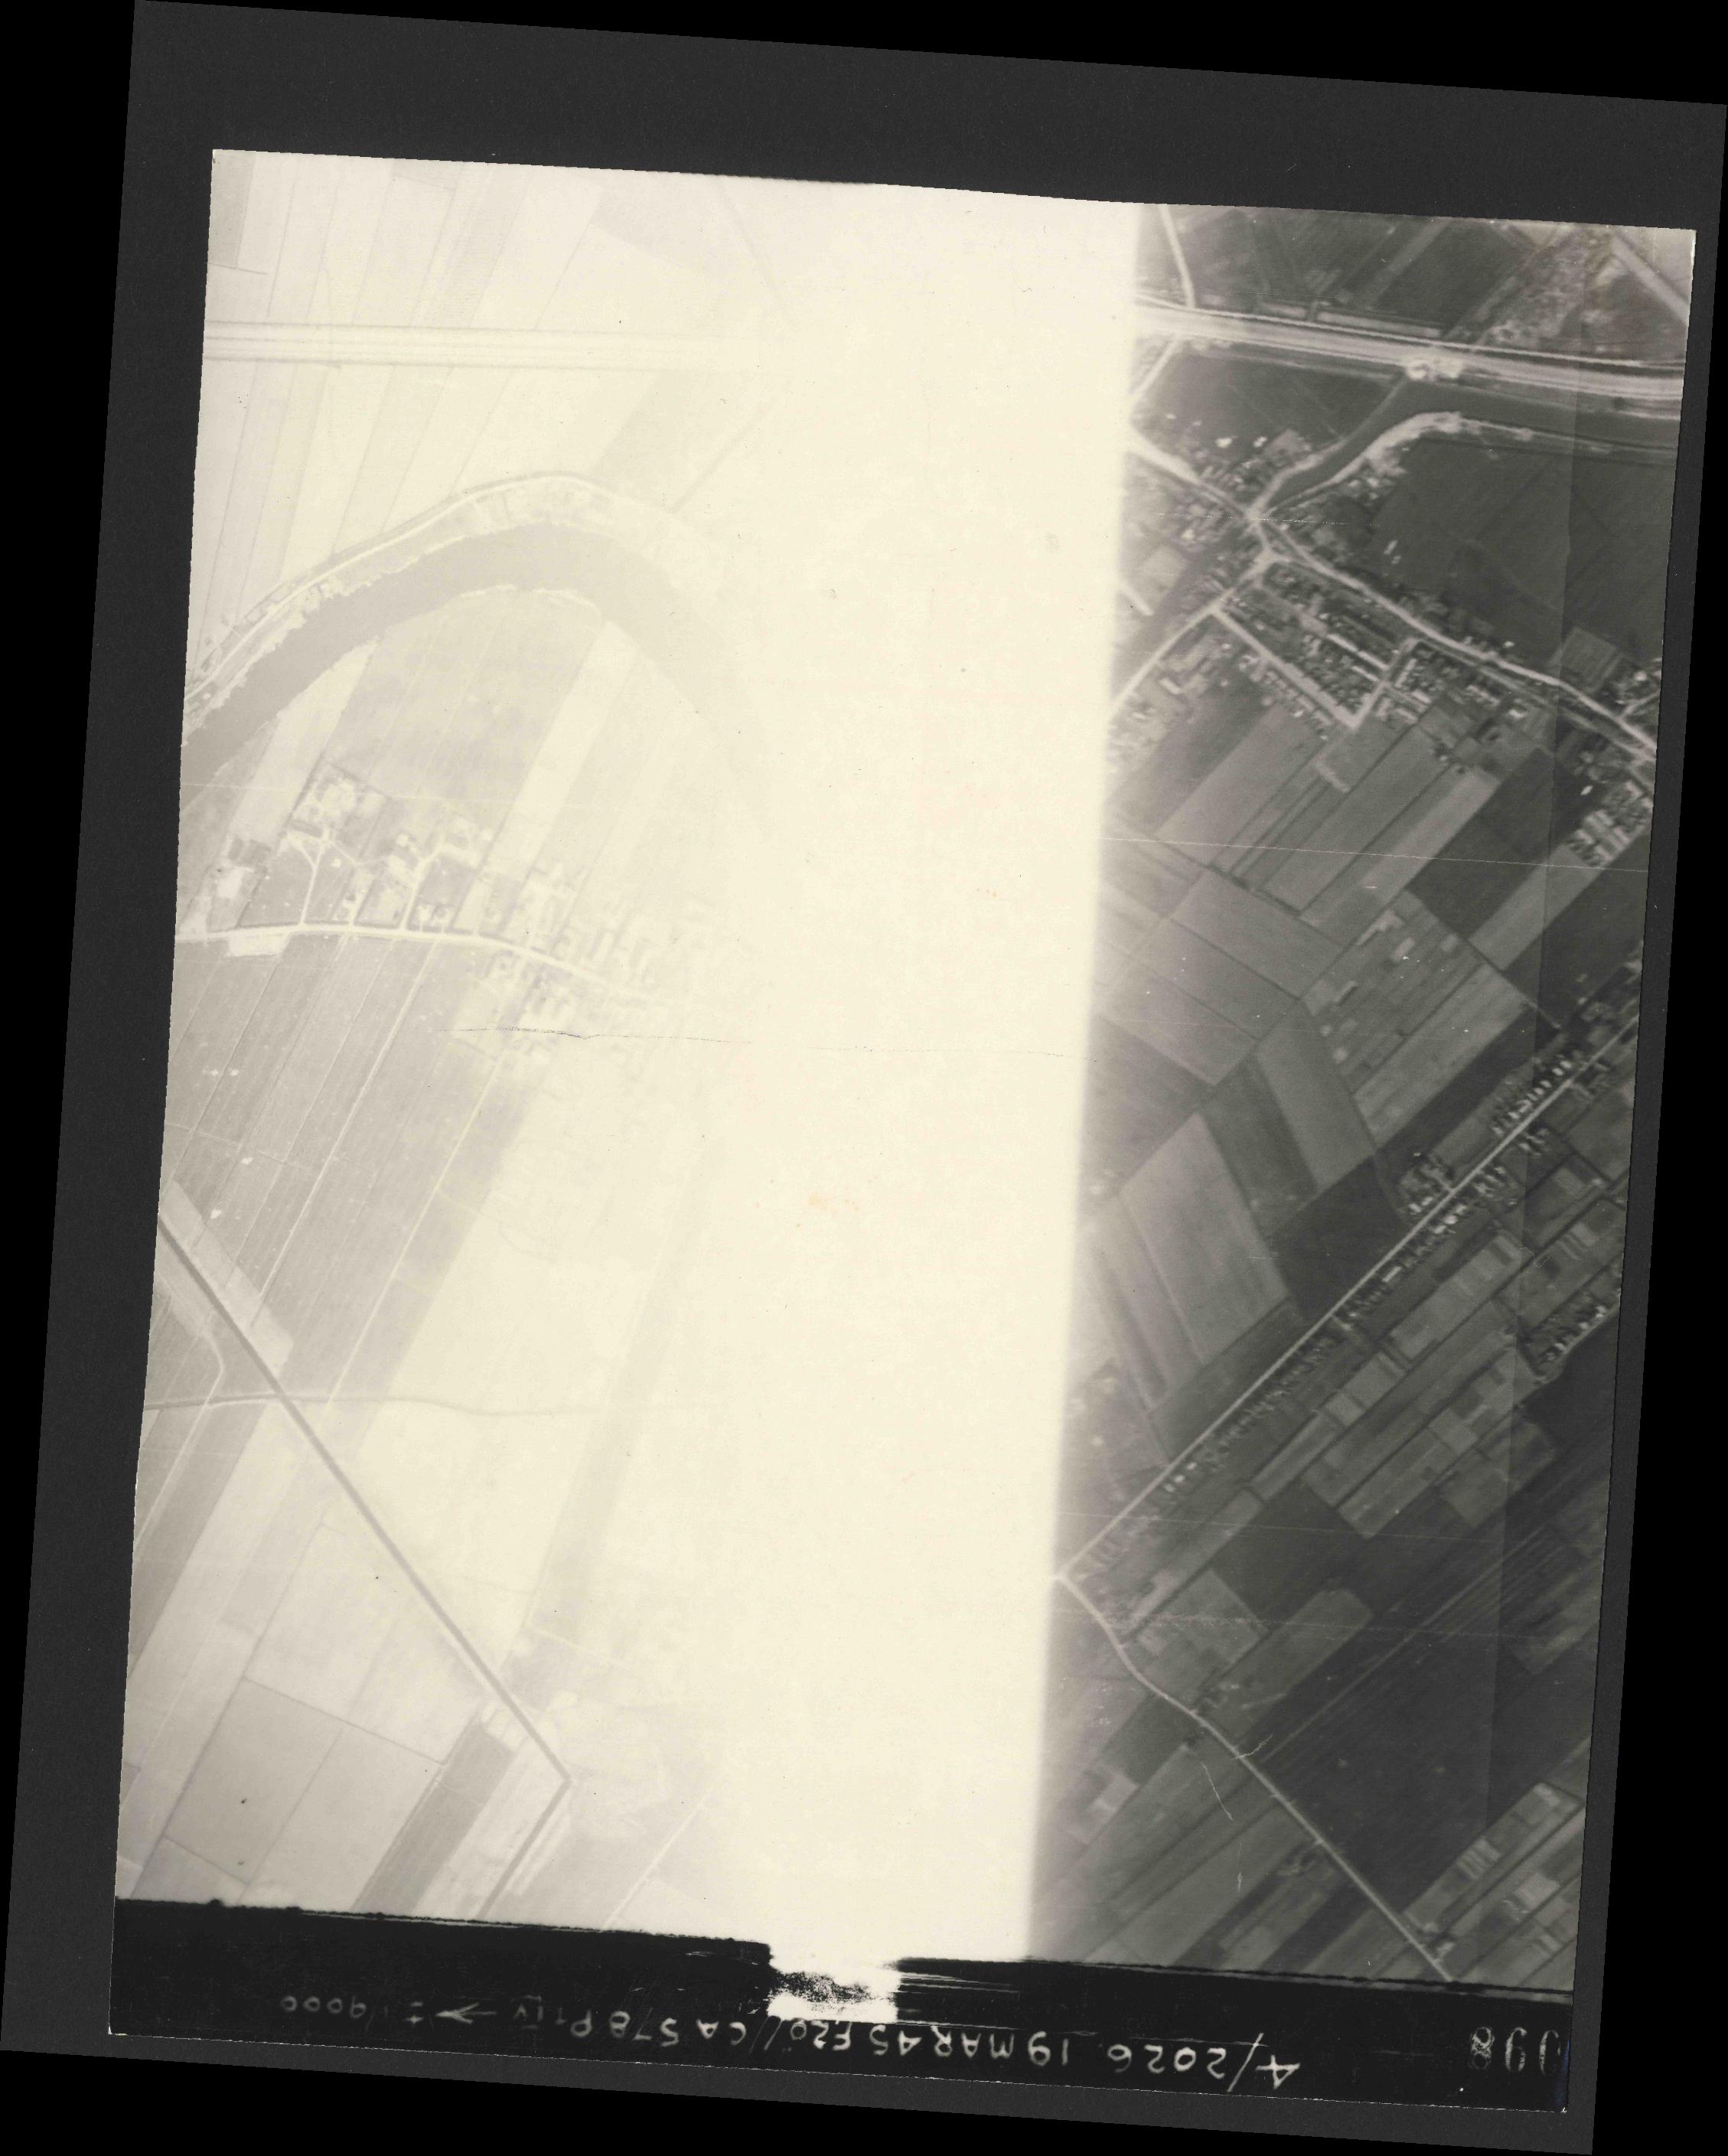 Collection RAF aerial photos 1940-1945 - flight 012, run 03, photo 3098